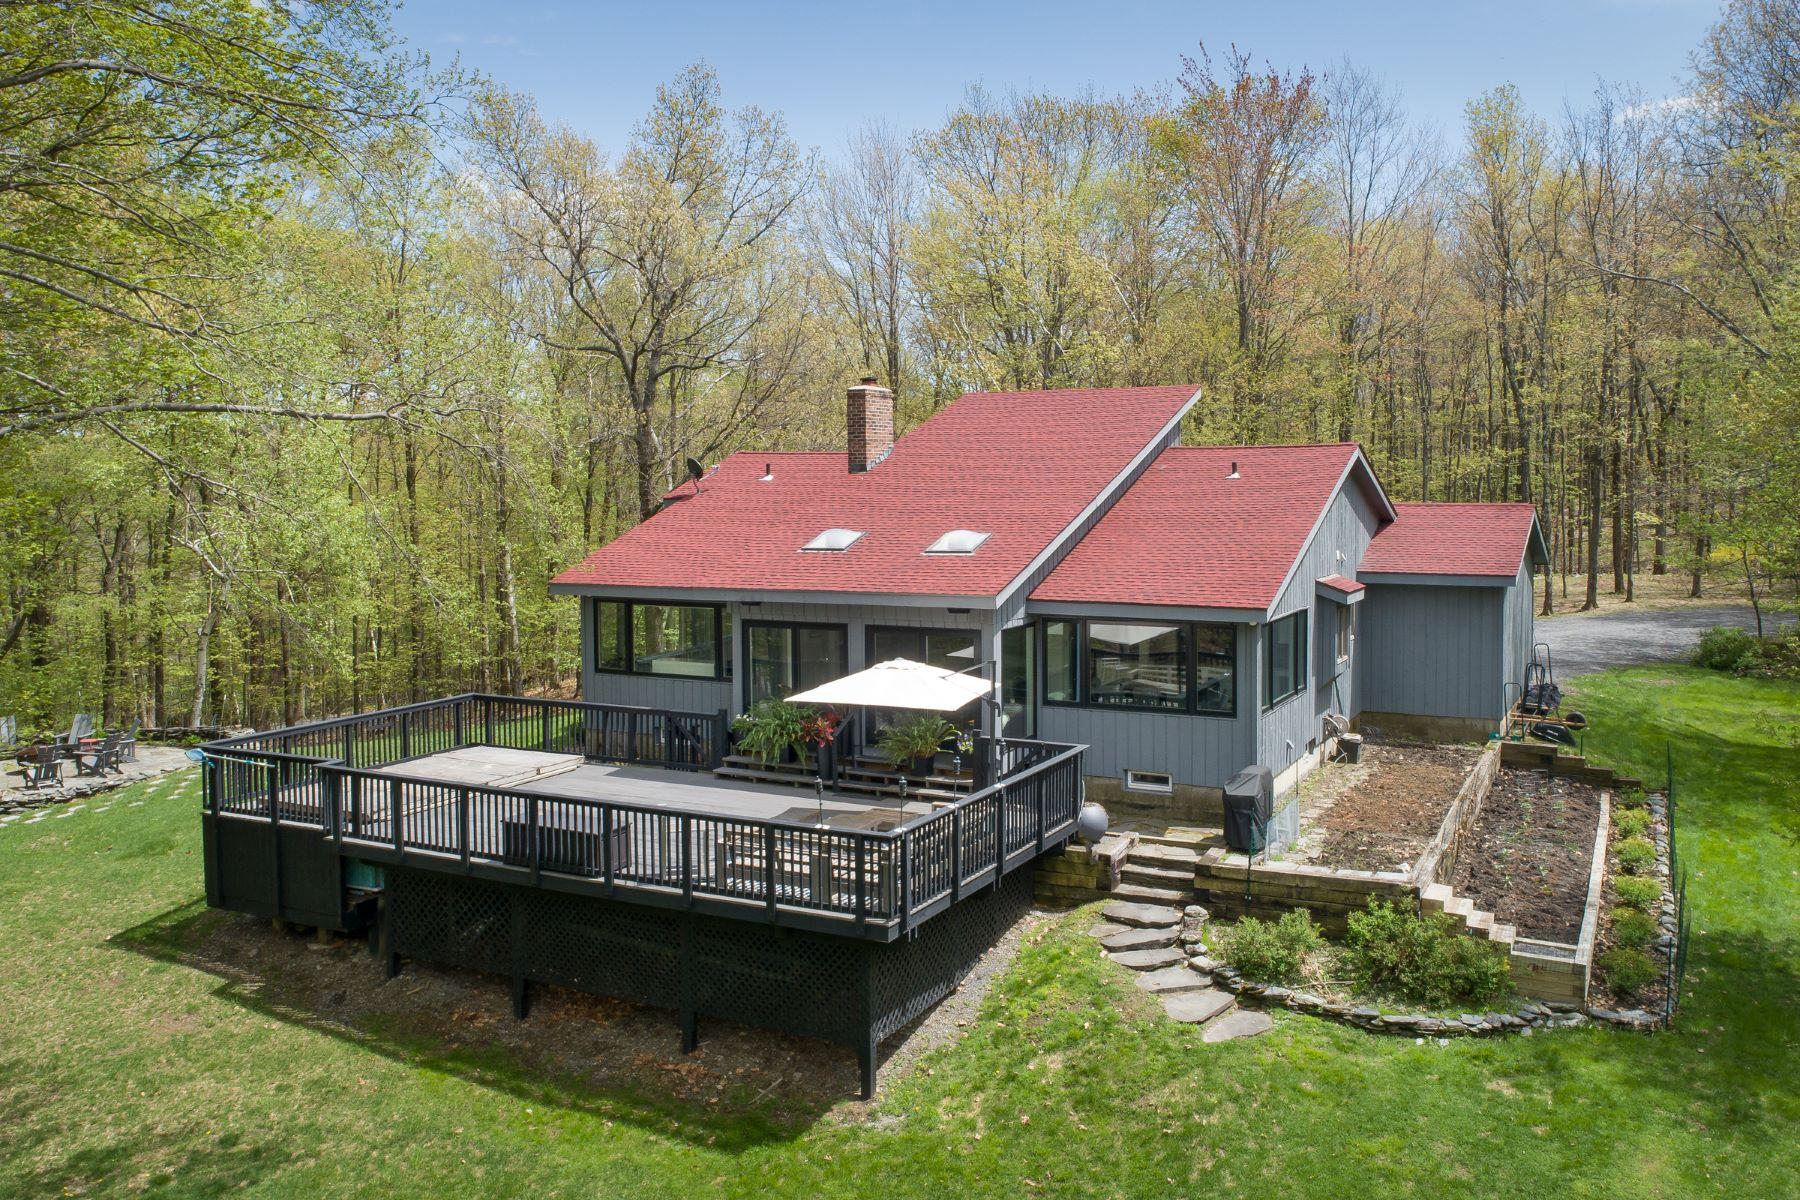 Casa Unifamiliar por un Venta en Private and Pristine Contemporary Country Home 40 Sabeff Rd Hillsdale, Nueva York 12529 Estados Unidos